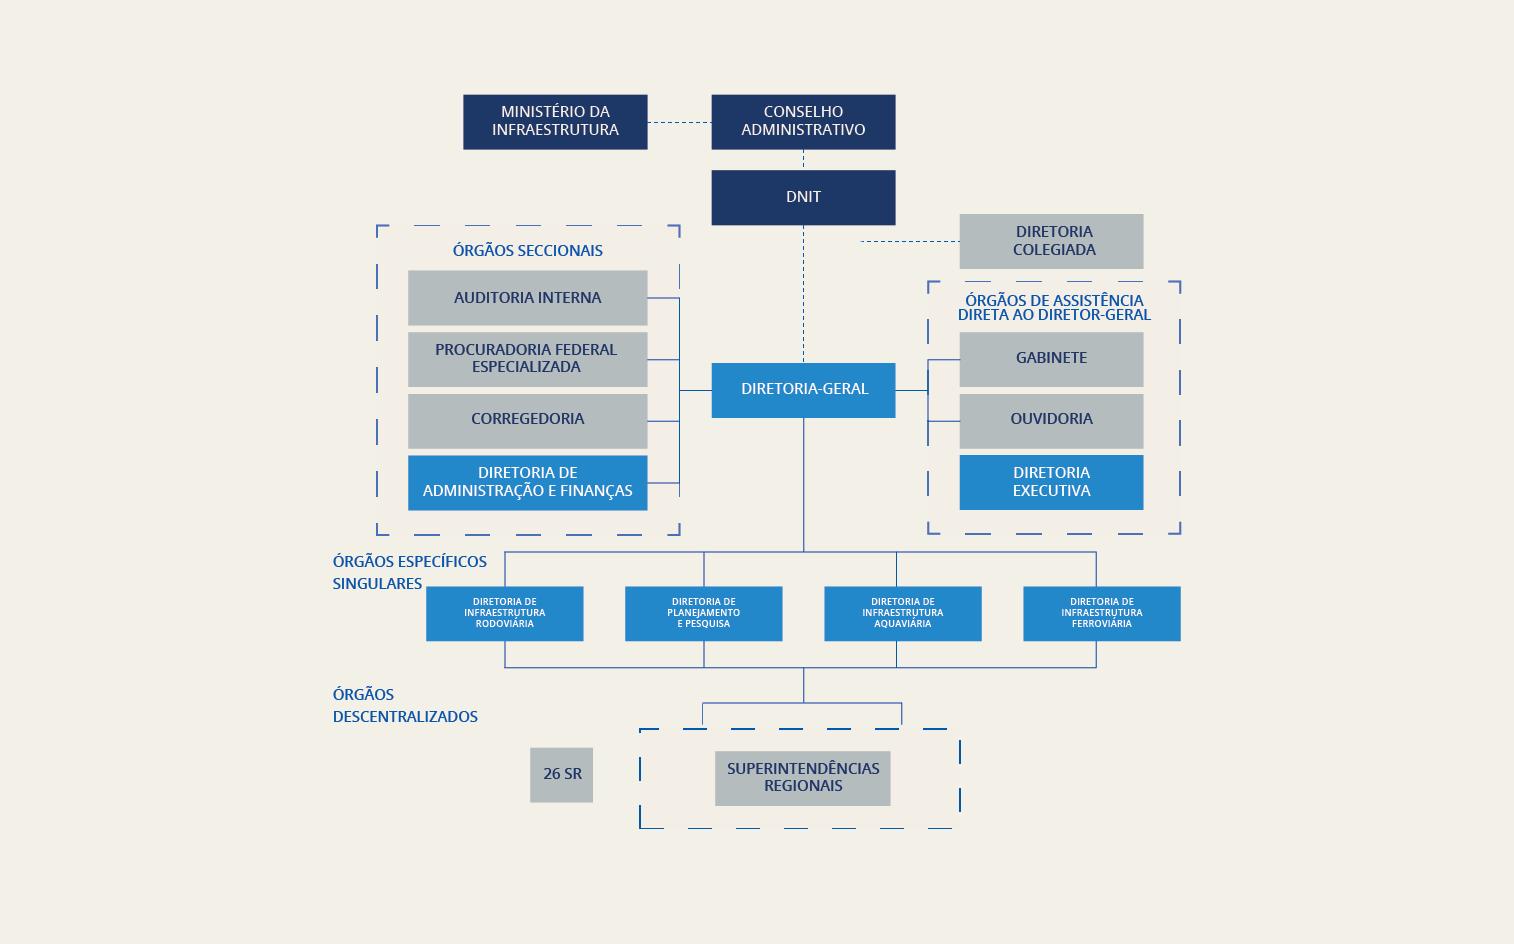 organograma_DNIT_2020.png